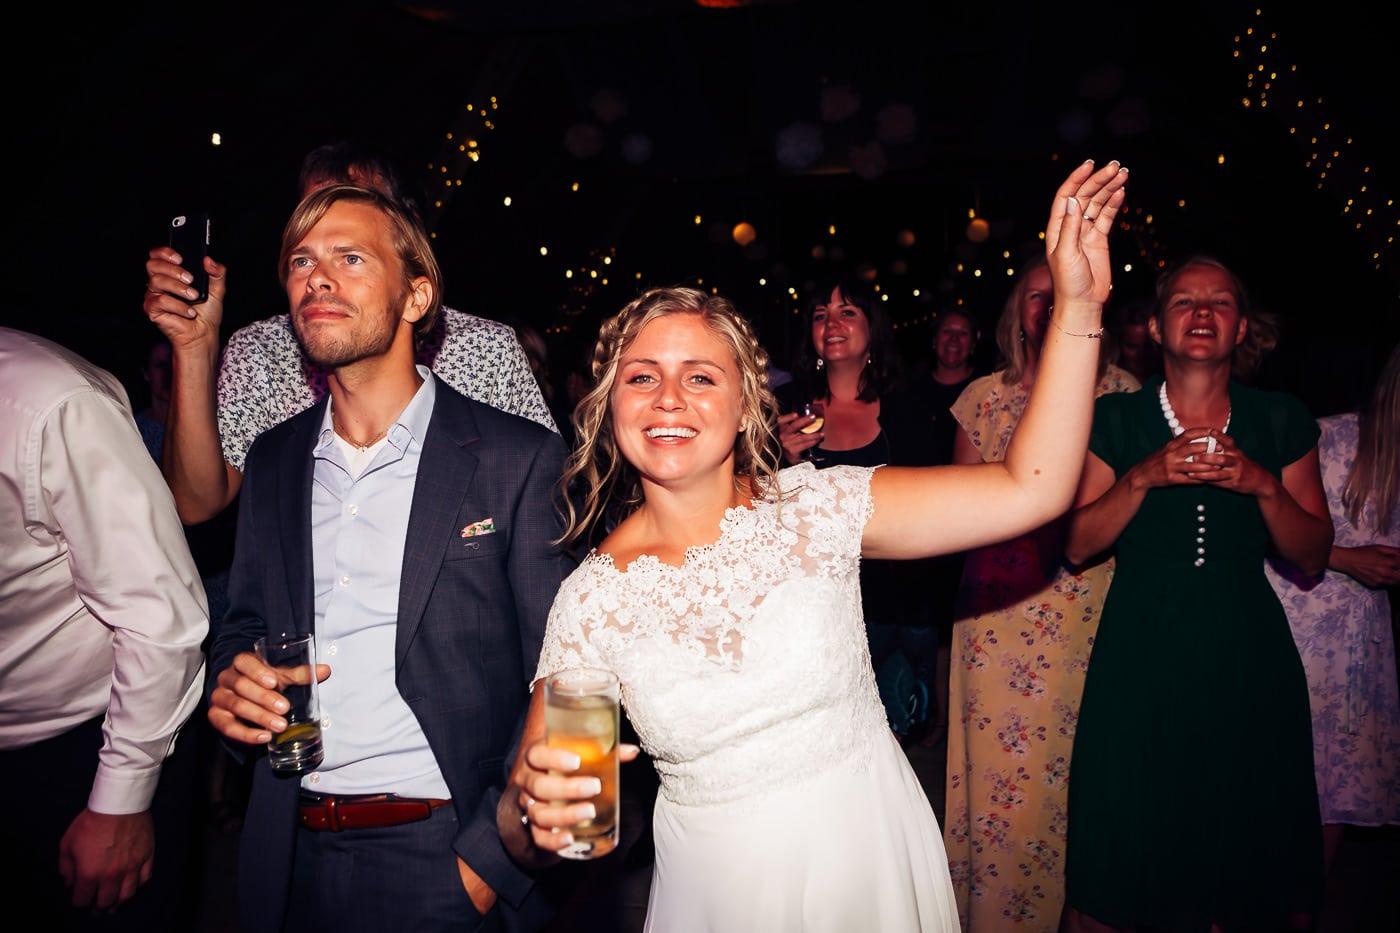 Linn & Frank - rørende og vakkert låvebryllup i Minnesund Bryllupsbilder Minnesund Eidsvoll 95 Brudepar